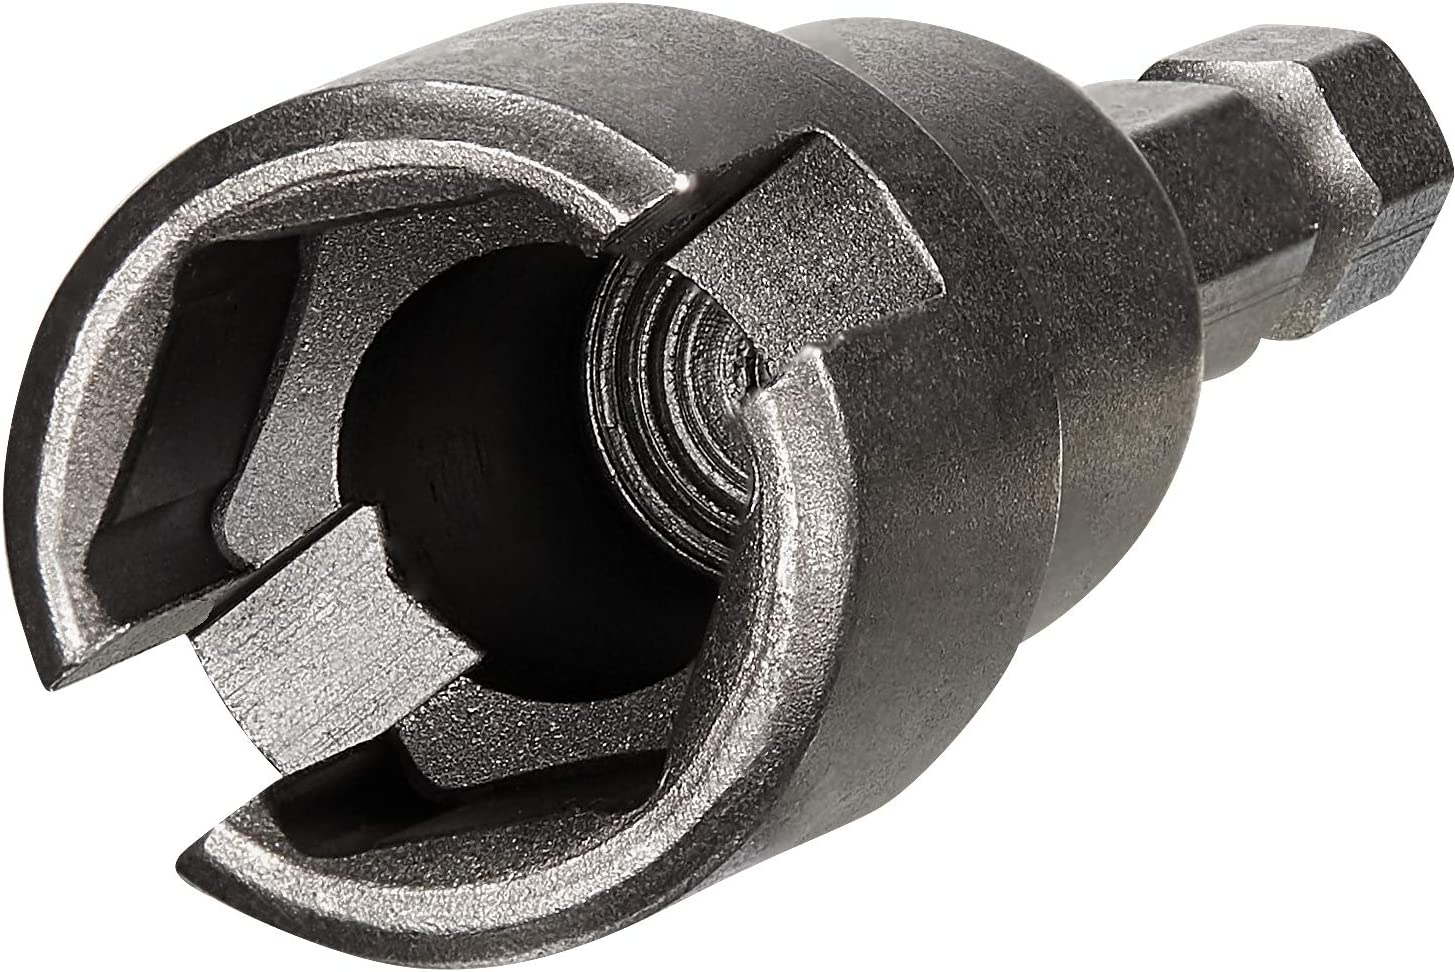 perno de gancho de ojo C Paquete de 3 brocas de acero para tuercas de panel llaves de vaso de v/ástago hexagonal de 1//4 pulgadas tornillos Juego de destornilladores de tuerca de ala de potencia